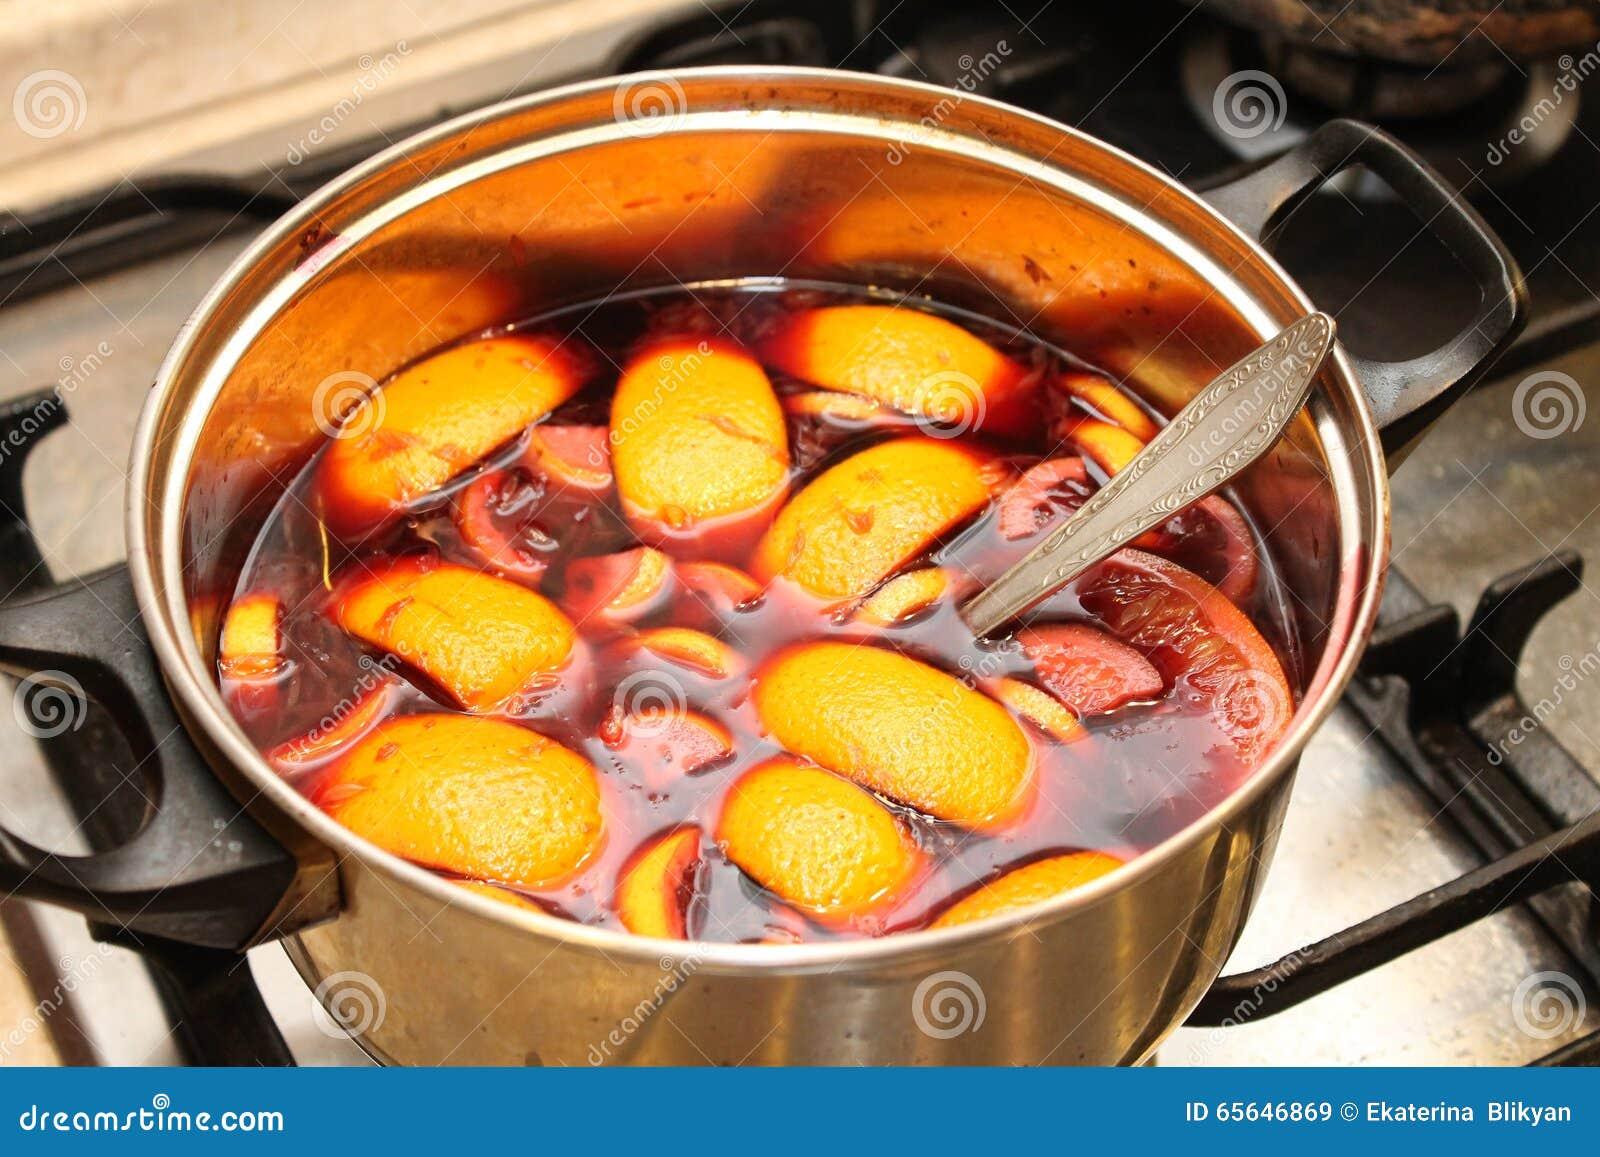 La préparation du vin chaud